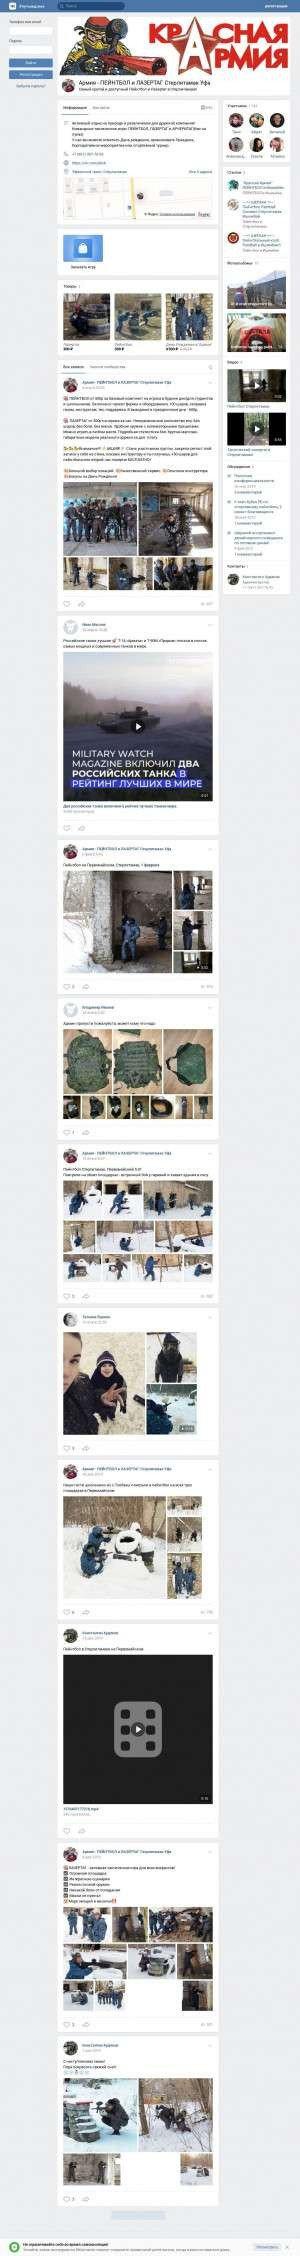 Предпросмотр для vk.com — Армия Пейнтбол и Лазертаг